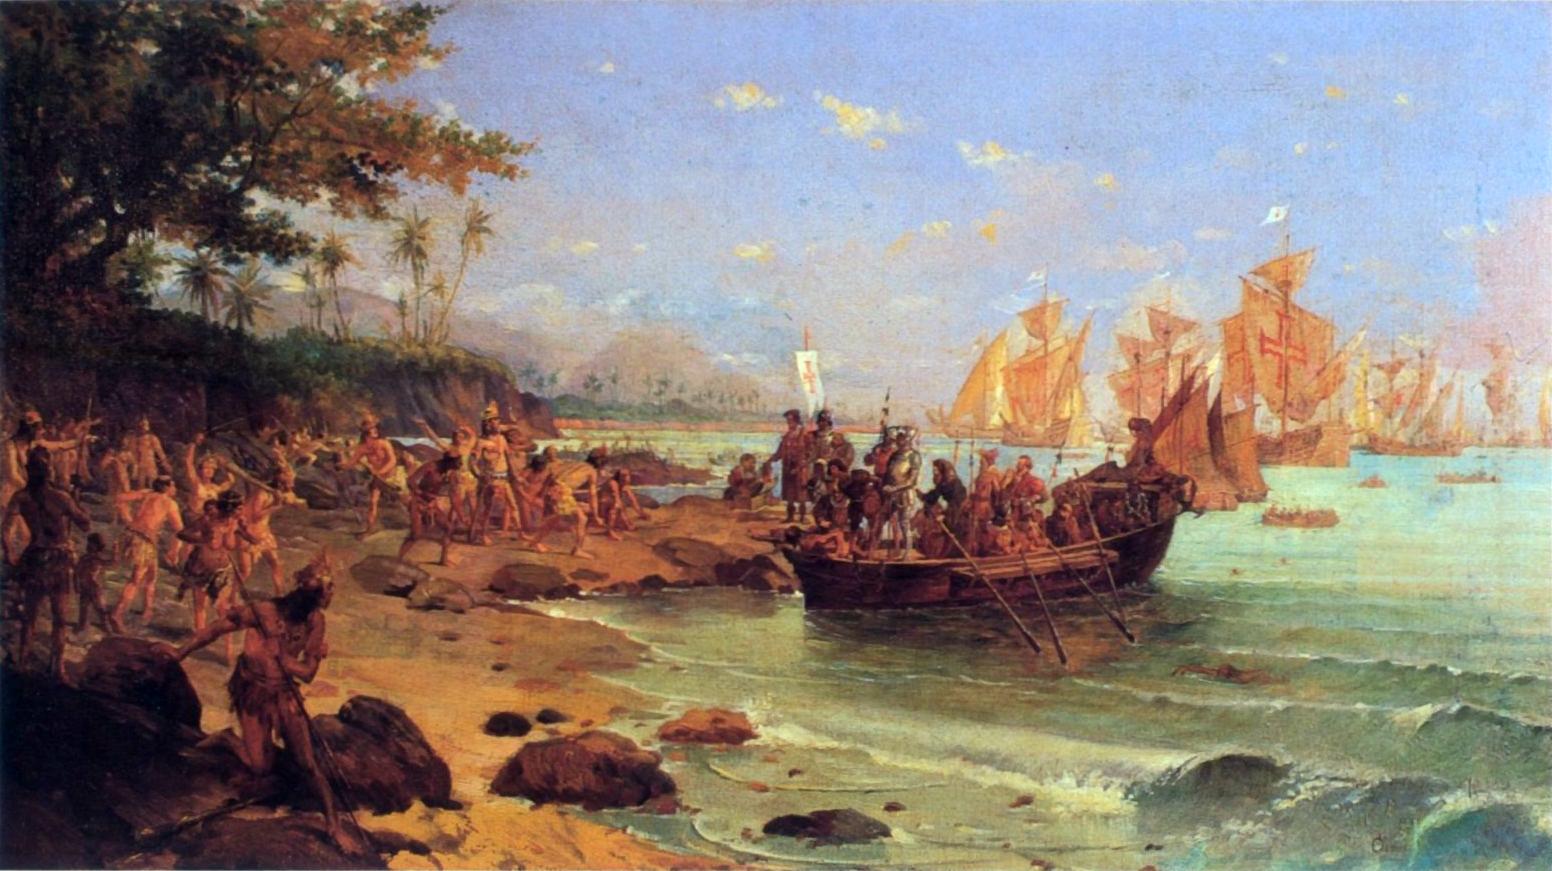 Descobrimento do Brasil: relembre essa parte de nossa história